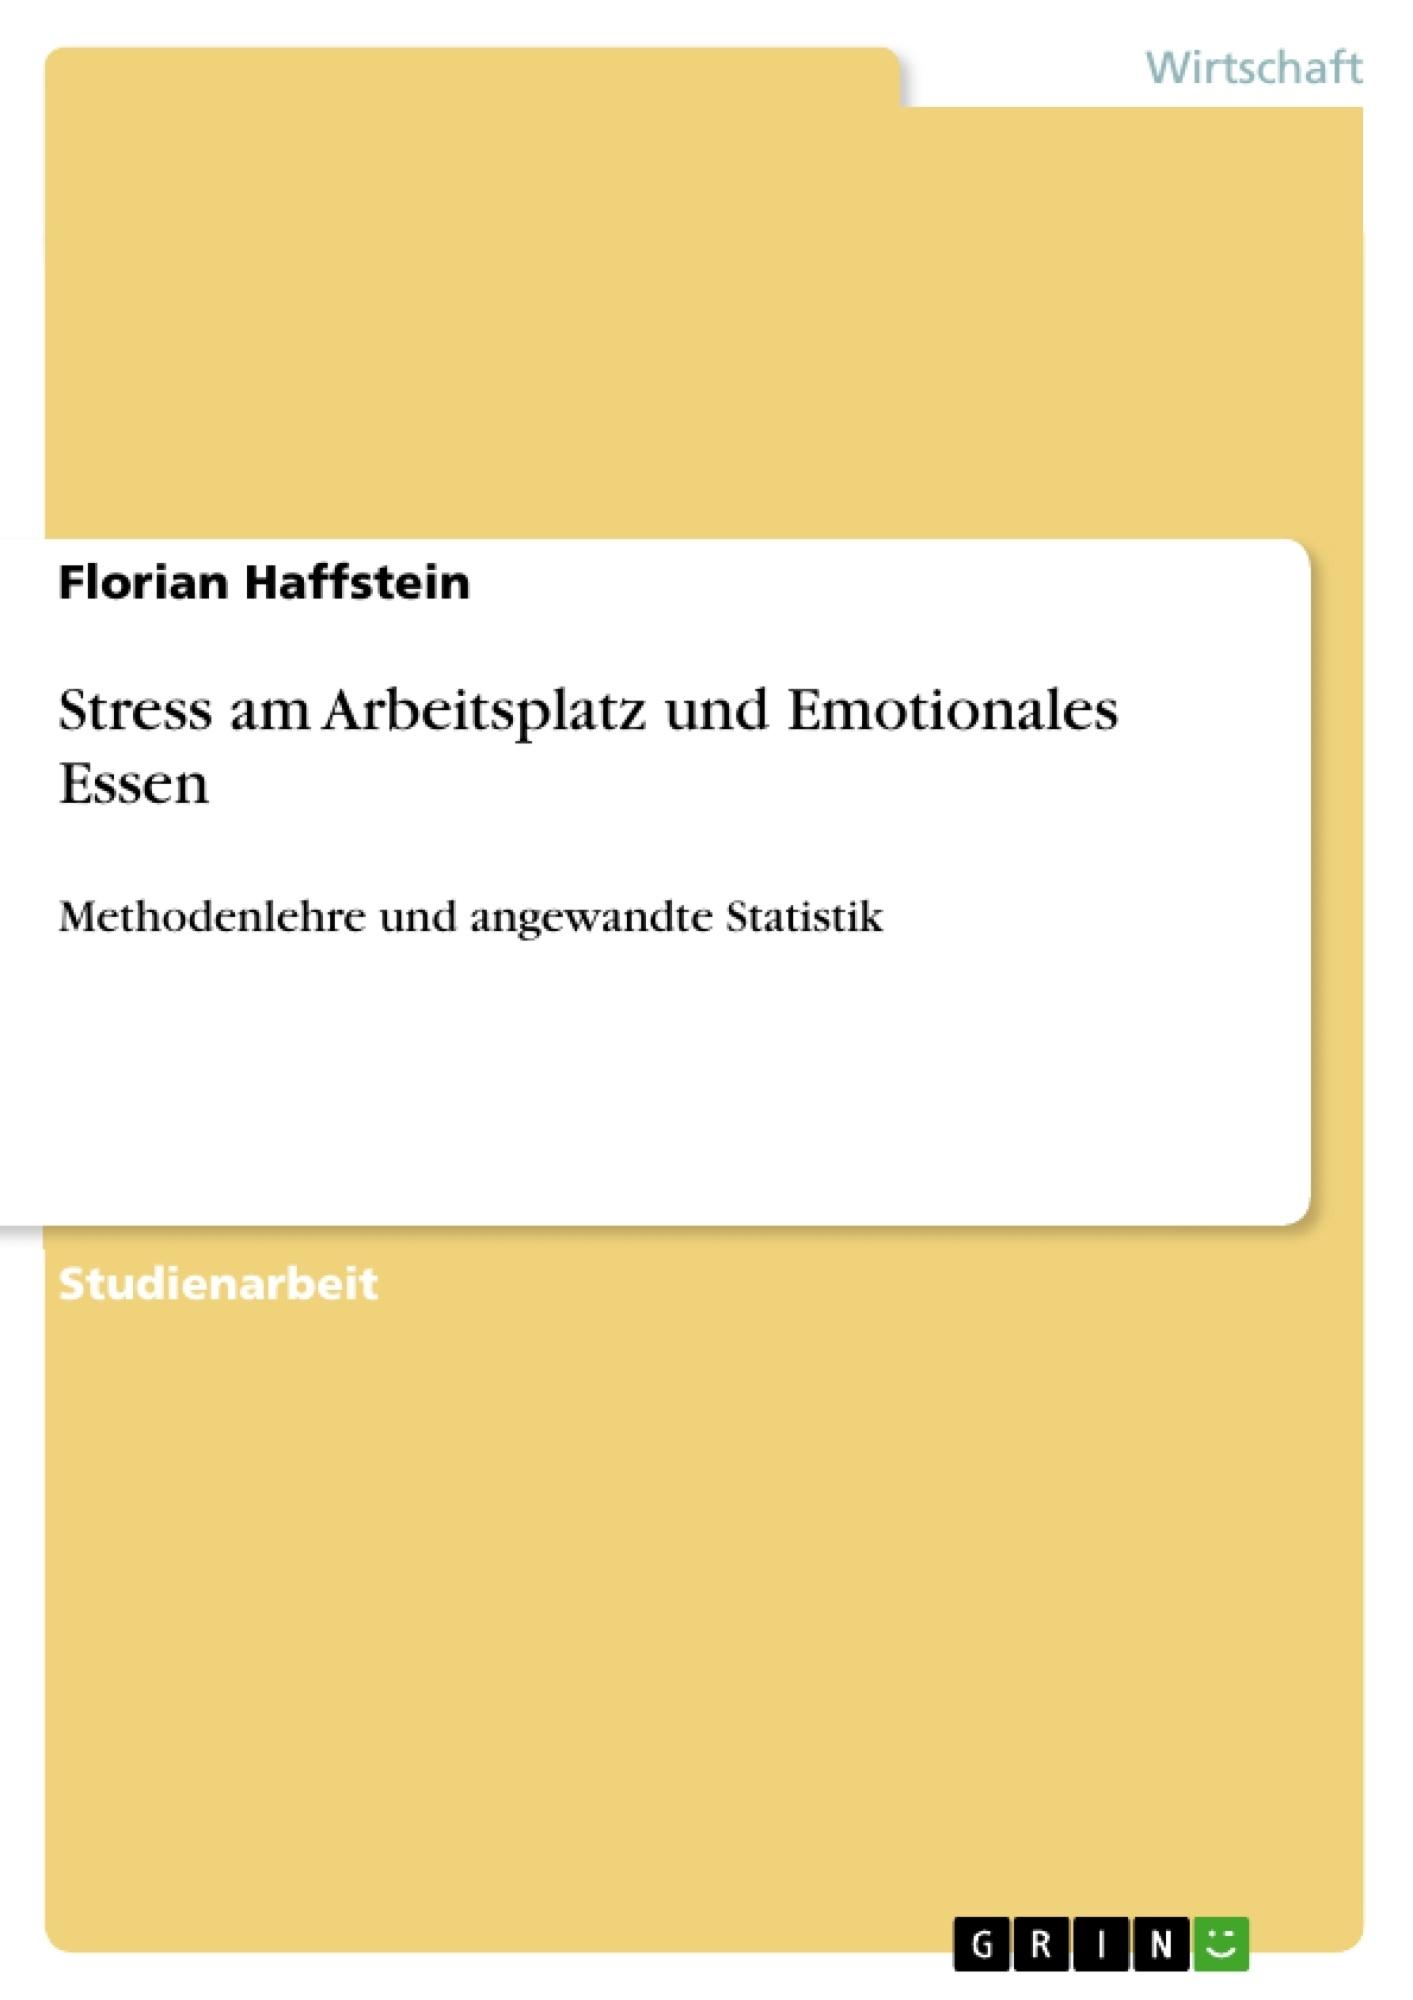 Titel: Stress am Arbeitsplatz und Emotionales Essen